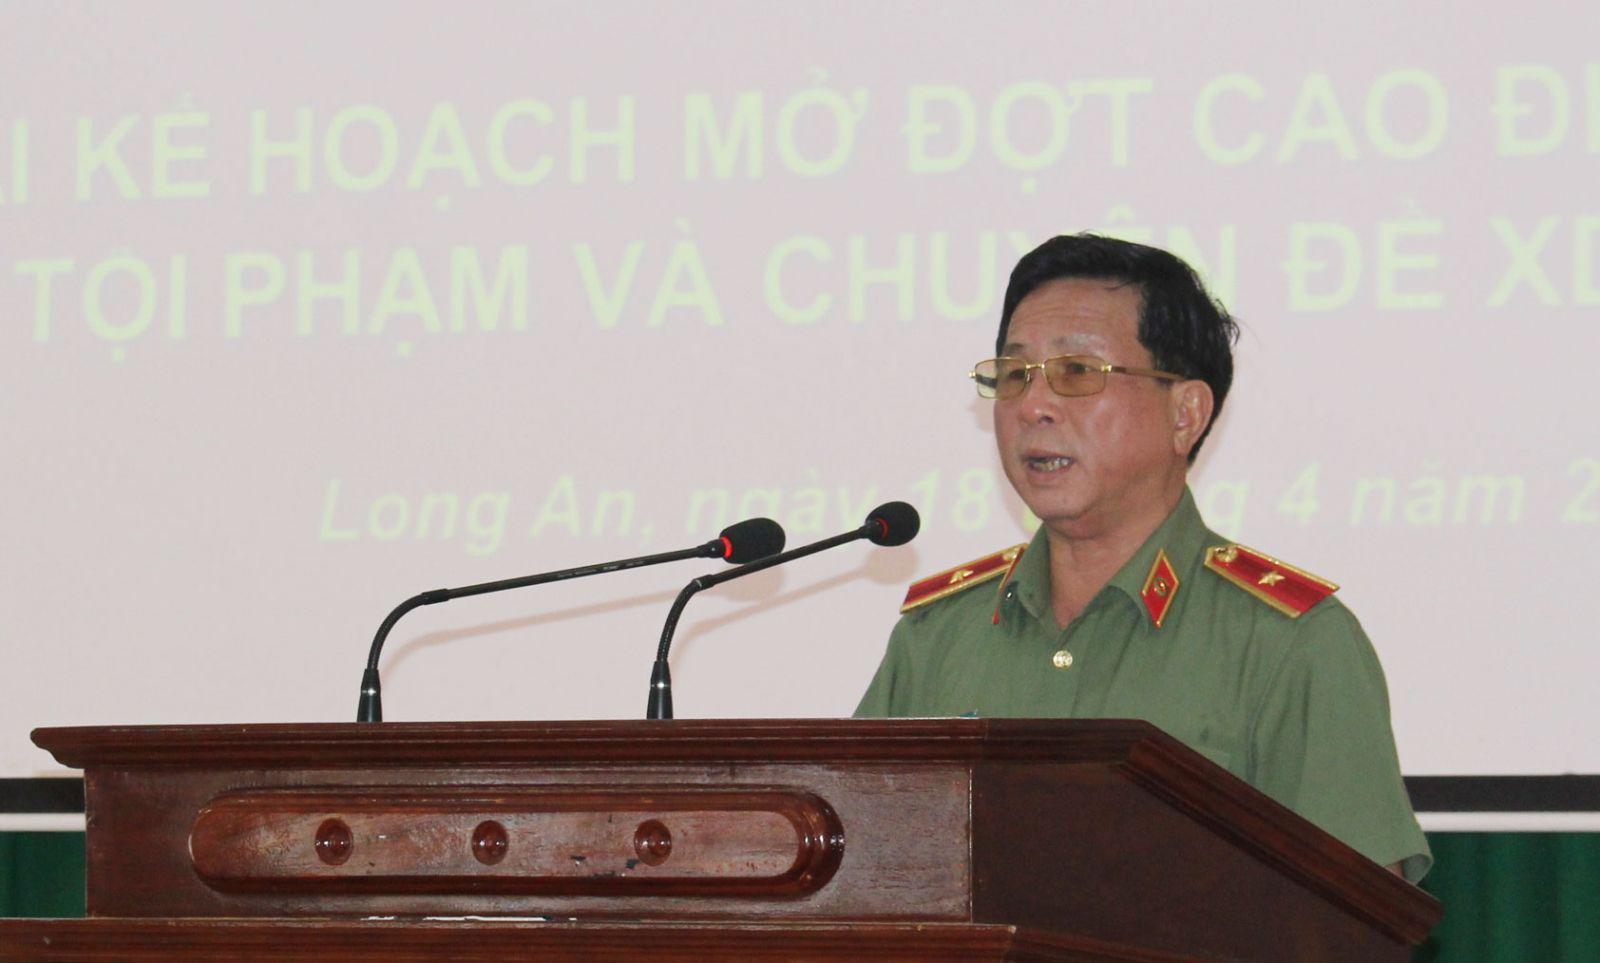 Thiếu tướng Phan Chí Thanh - Giám đốc Công an tỉnh chỉ đạo các lực lượng tập trung tấn công tội phạm, đảm bảo ANTT lễ 30/4, 1/5 năm 2018